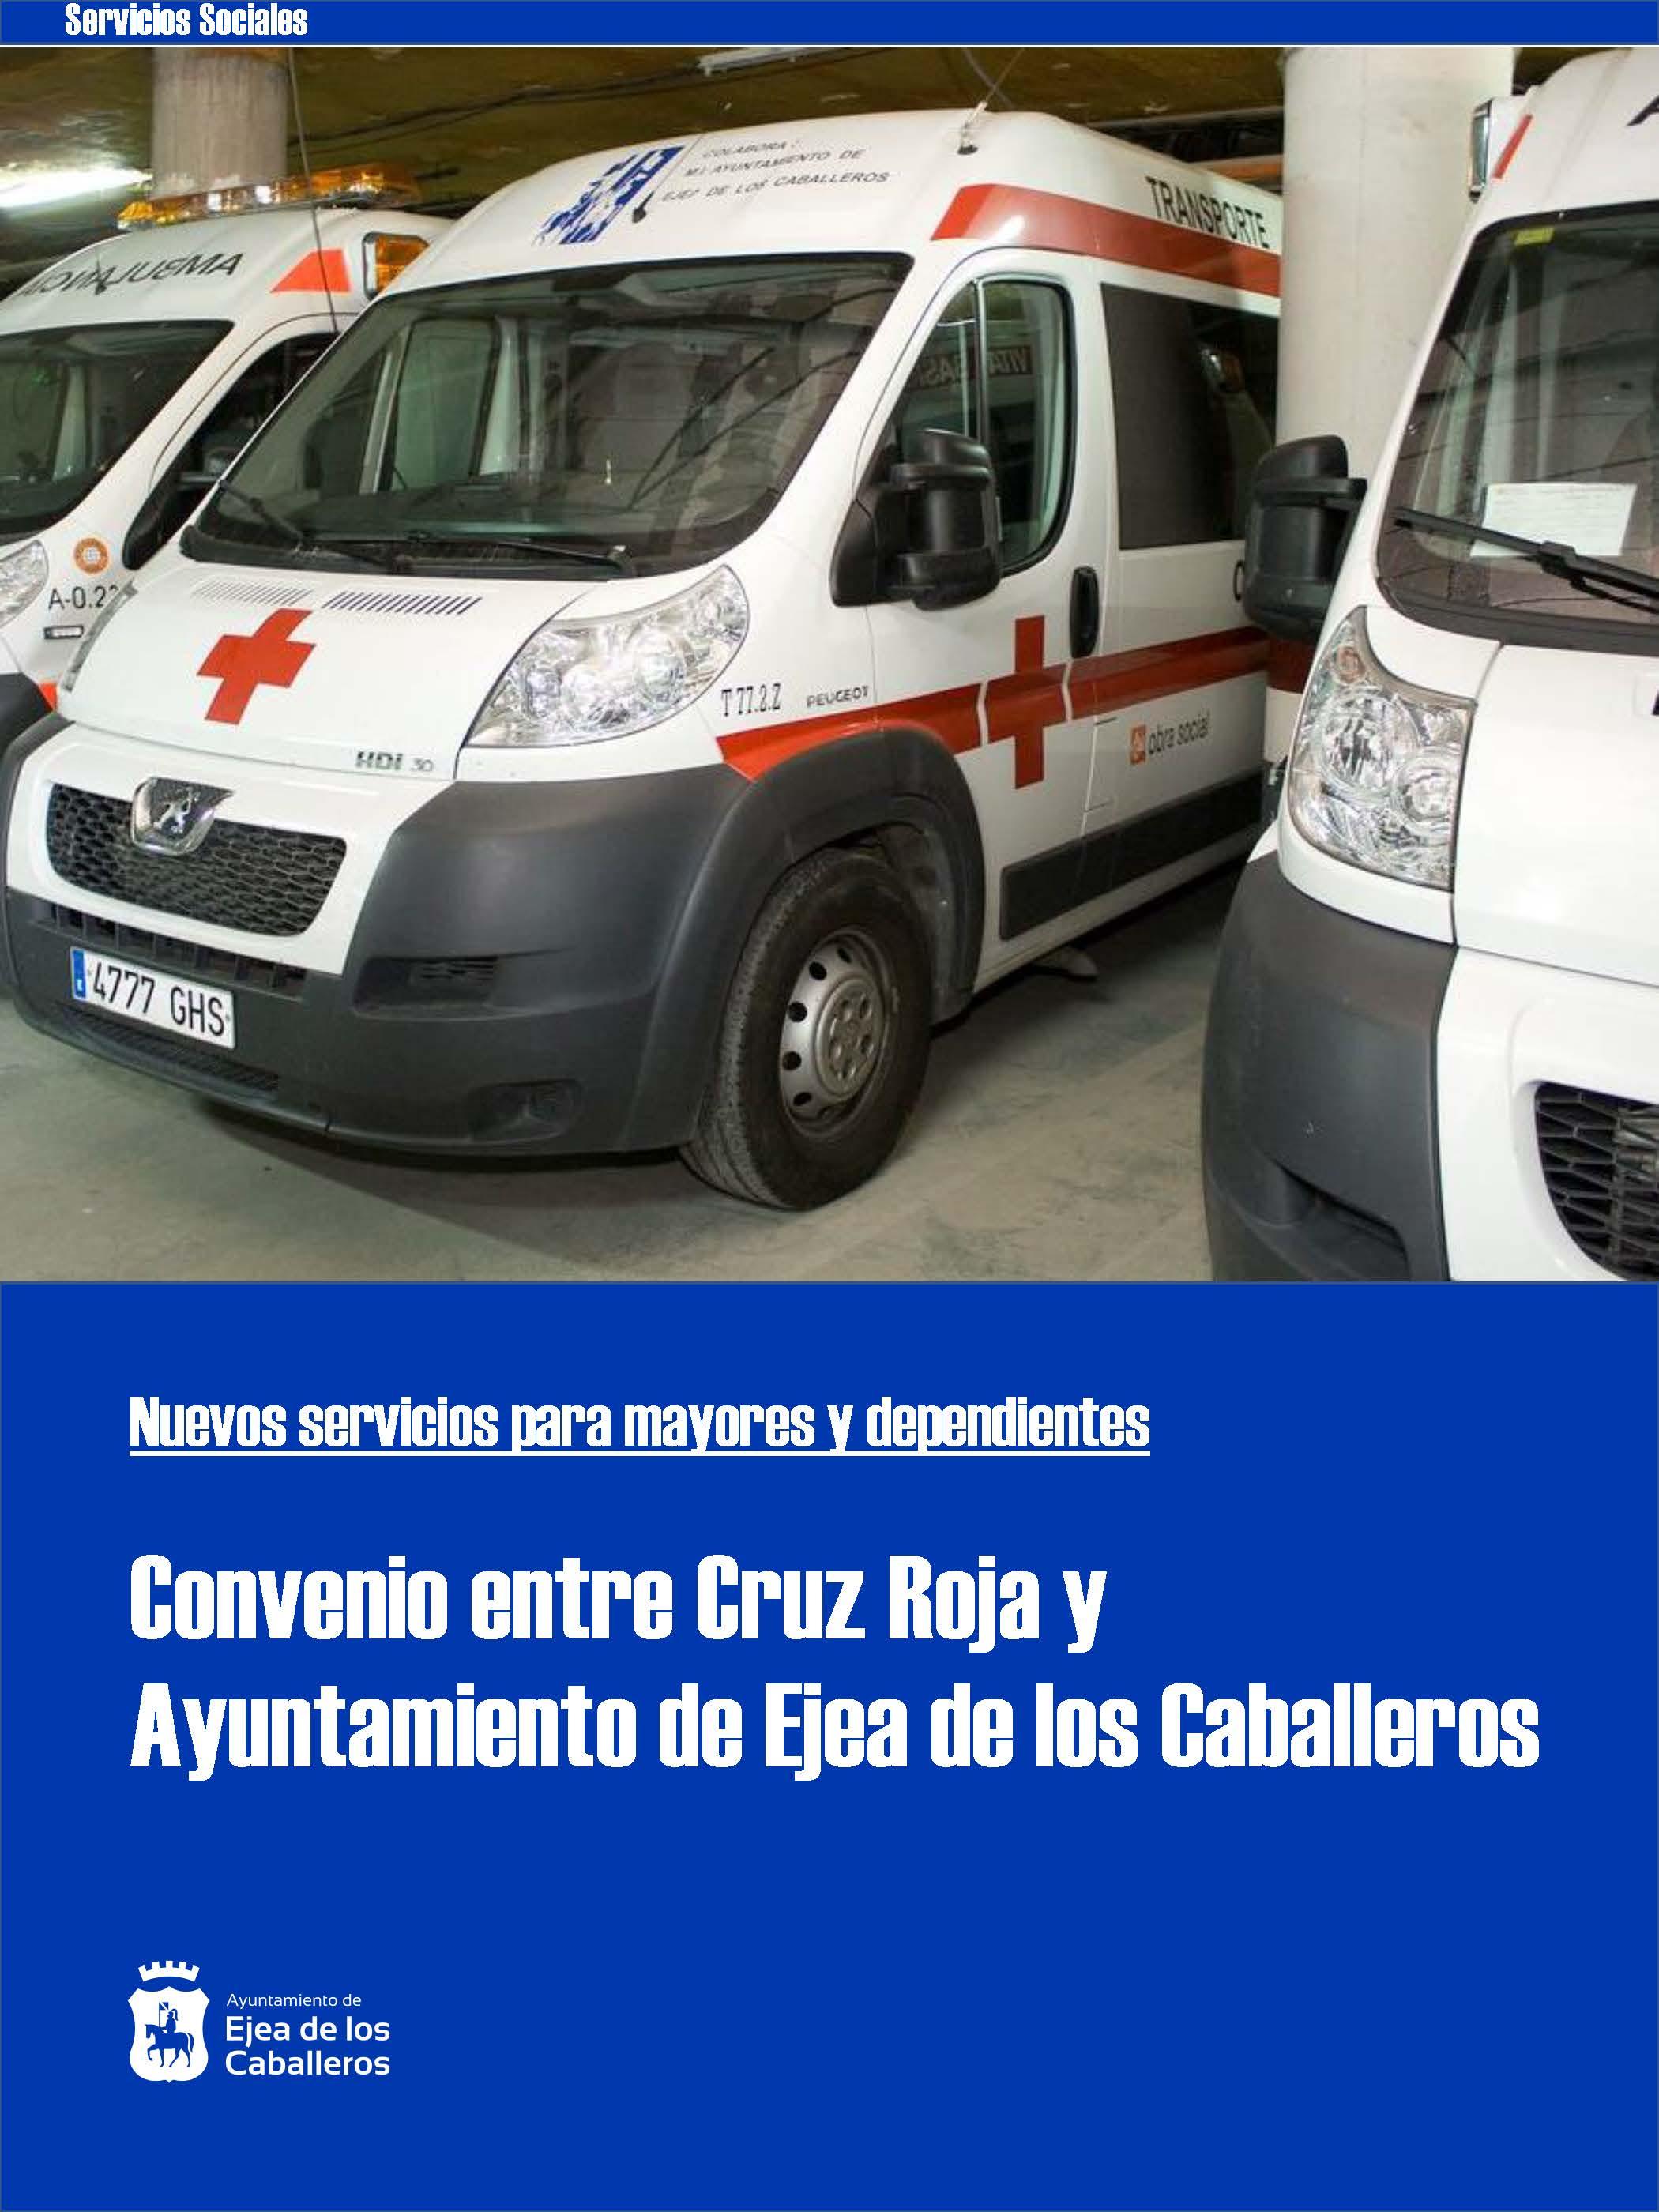 Se incorporan nuevos servicios para mayores y dependientes gracias al convenio suscrito entre Ayuntamiento de Ejea de los Caballeros y Cruz Roja